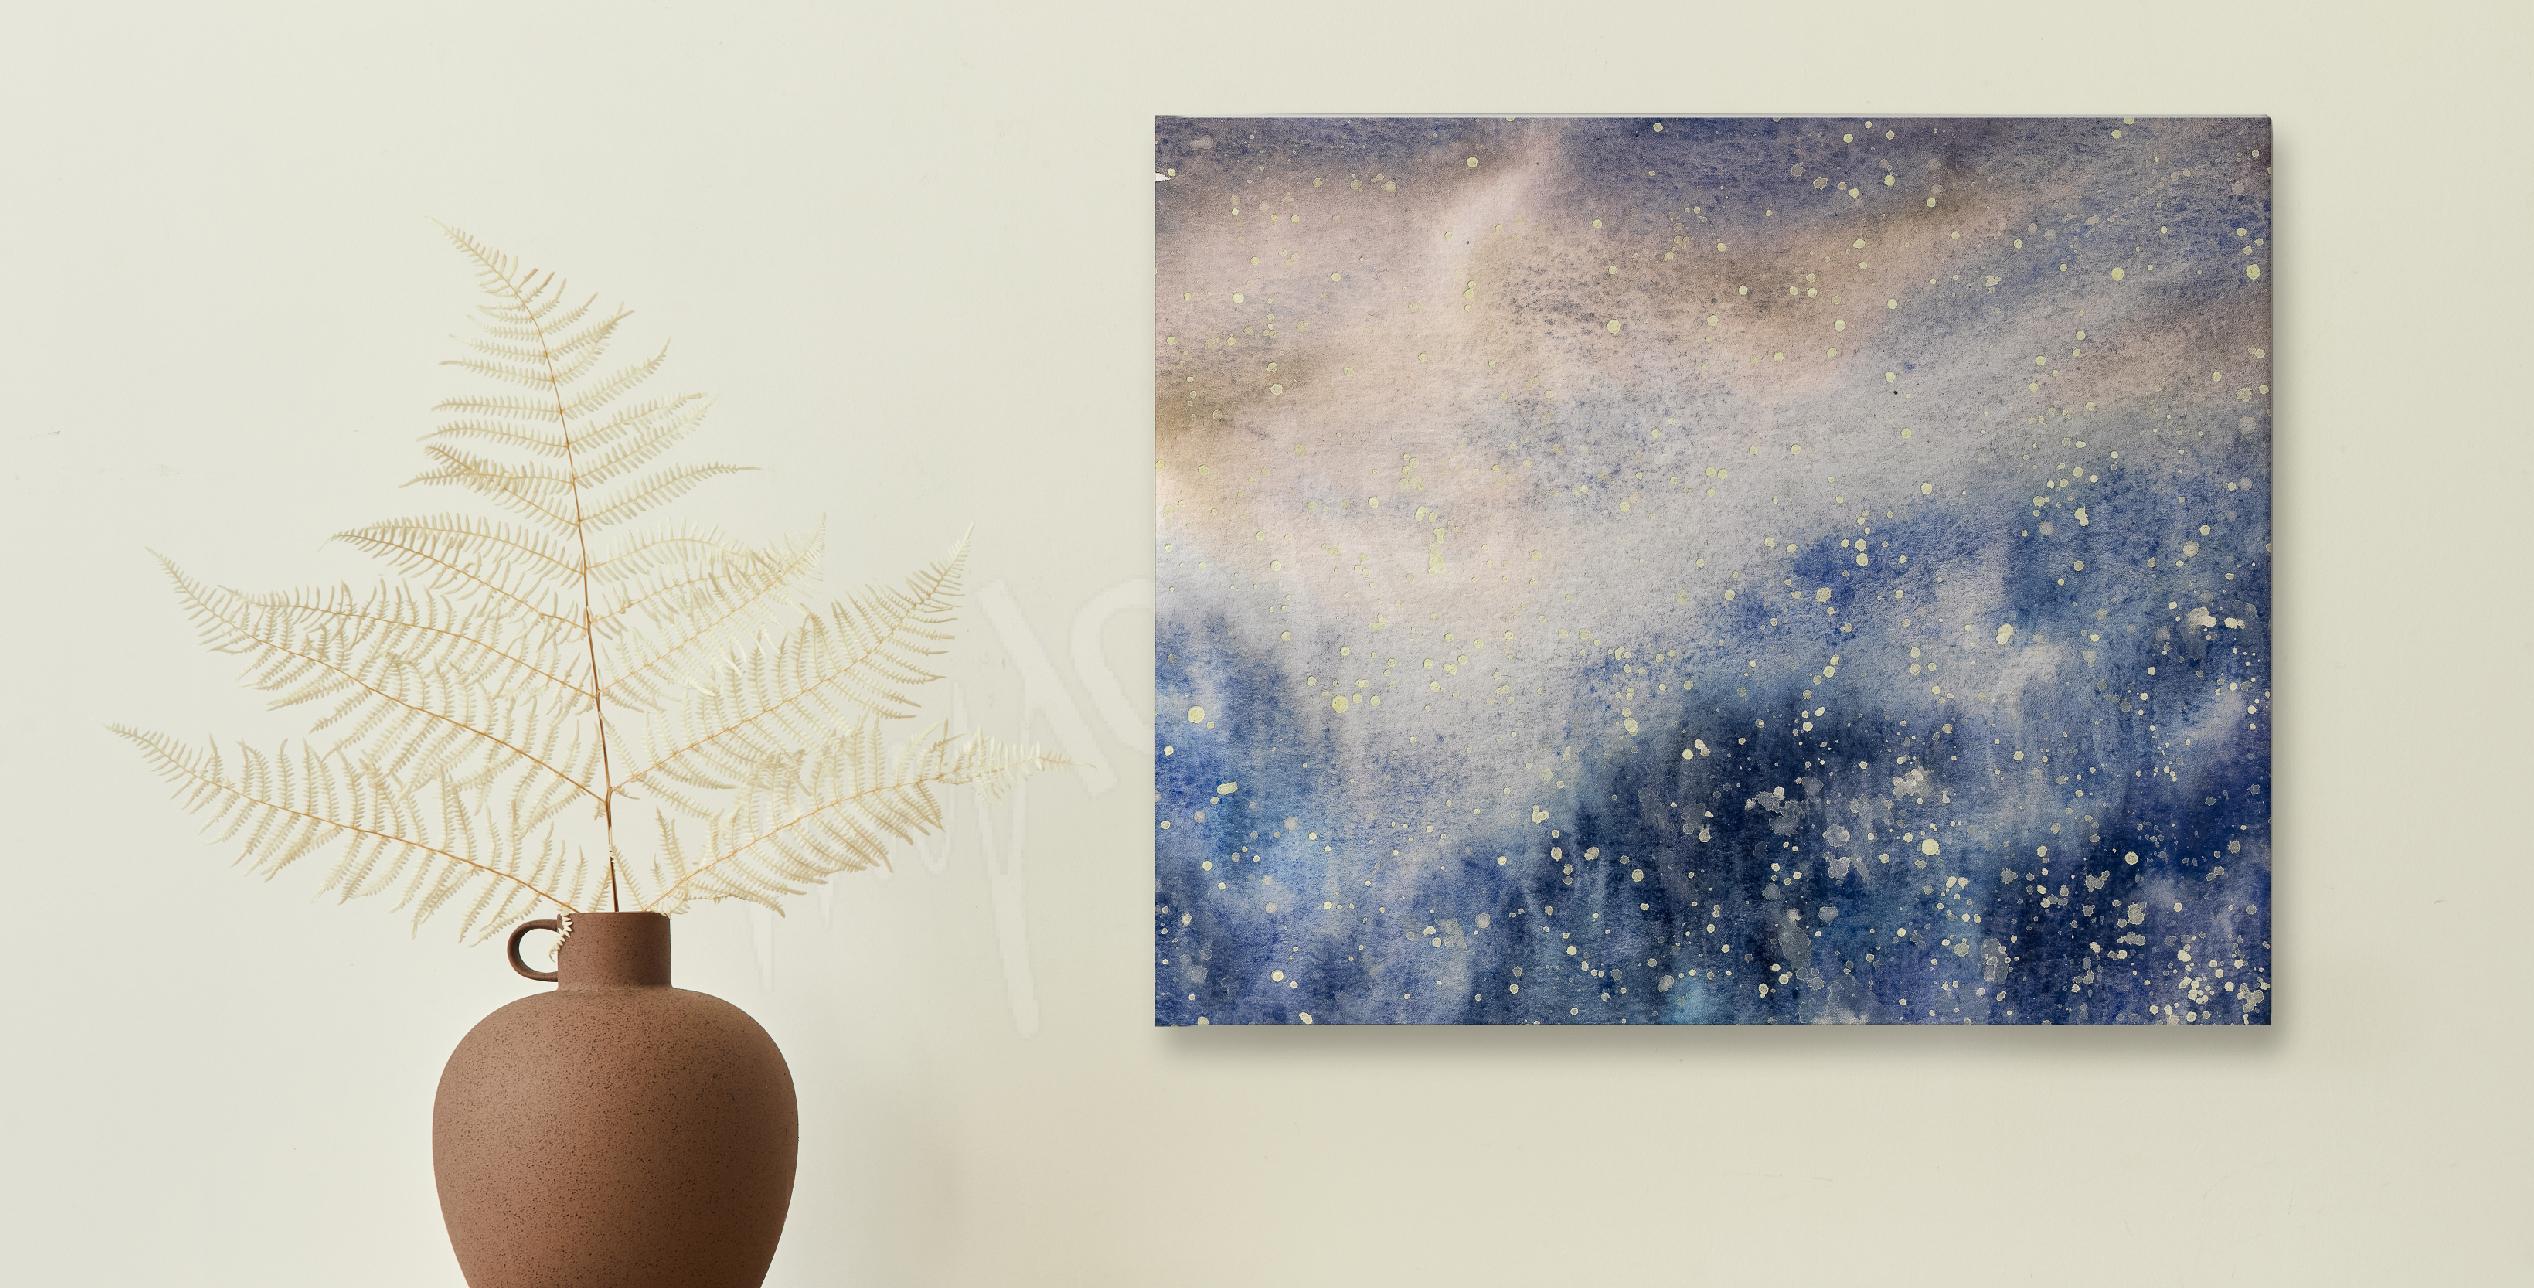 Bild Aquarell und Schnee-Textur